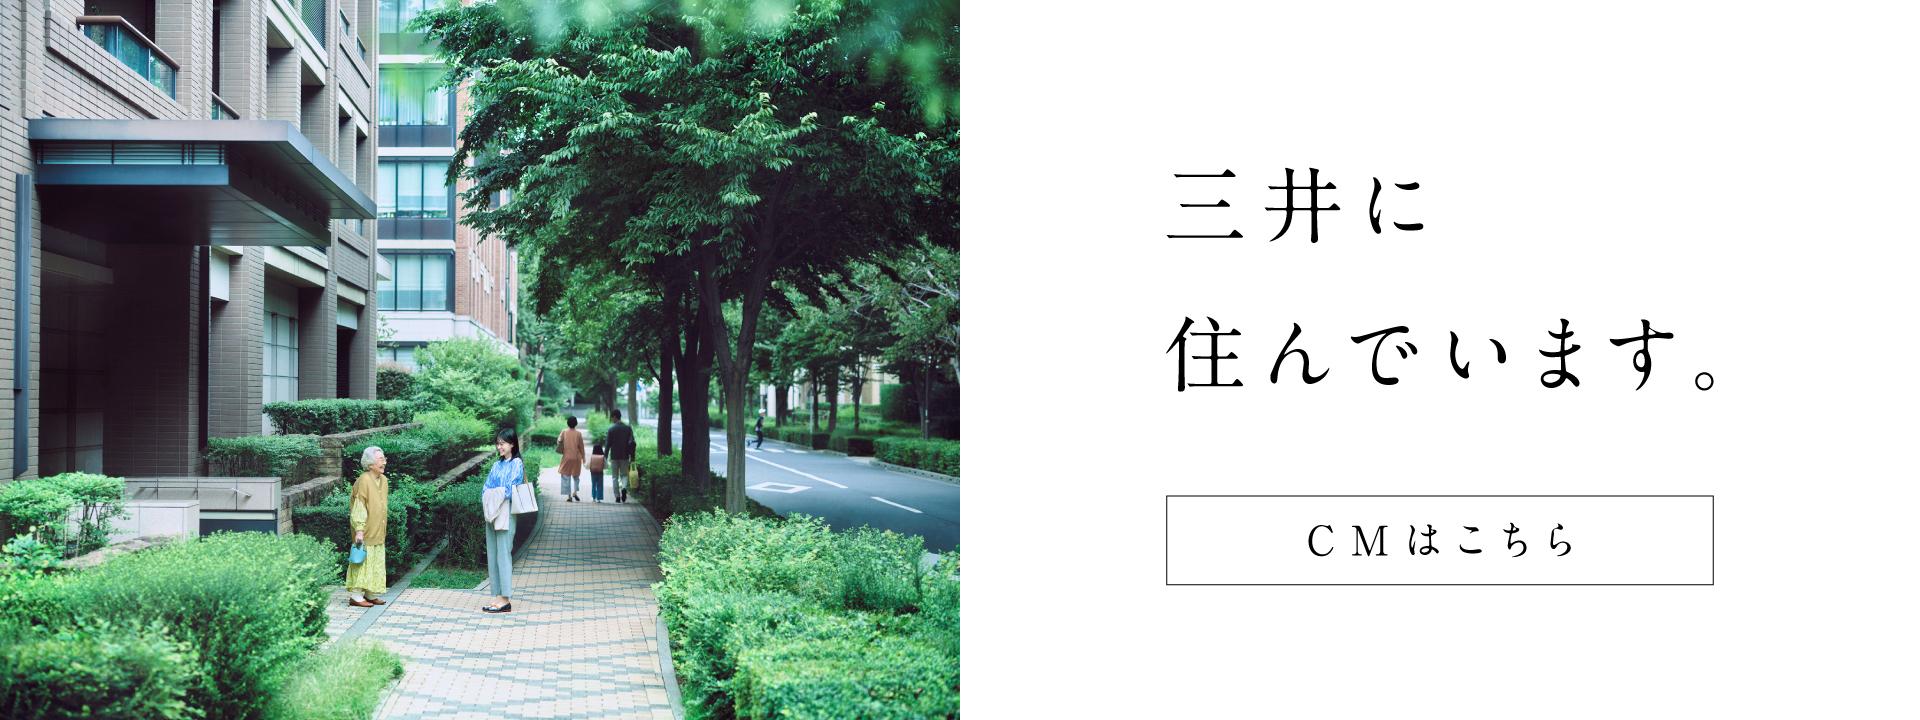 曲 cm 三井 不動産 三井のリハウス最新CM曲を歌ってるのは誰?今最もエモーい「奇妙礼太郎」の魅力とは!